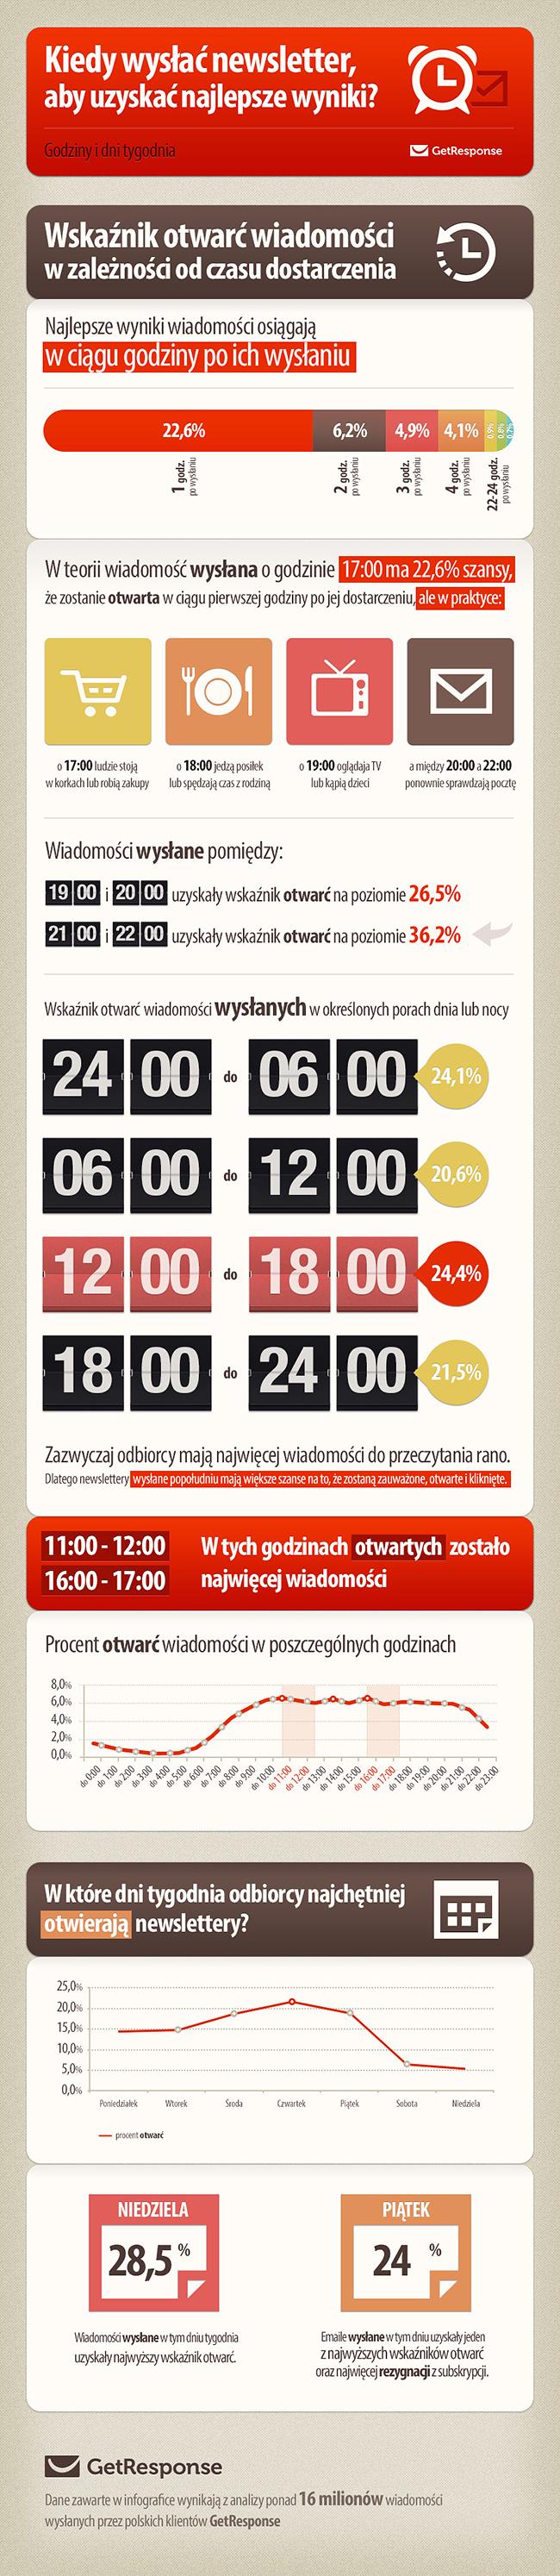 8676eebb3722a0 Kiedy wysłać newsletter, aby uzyskać najlepsze efekty [infografika ...